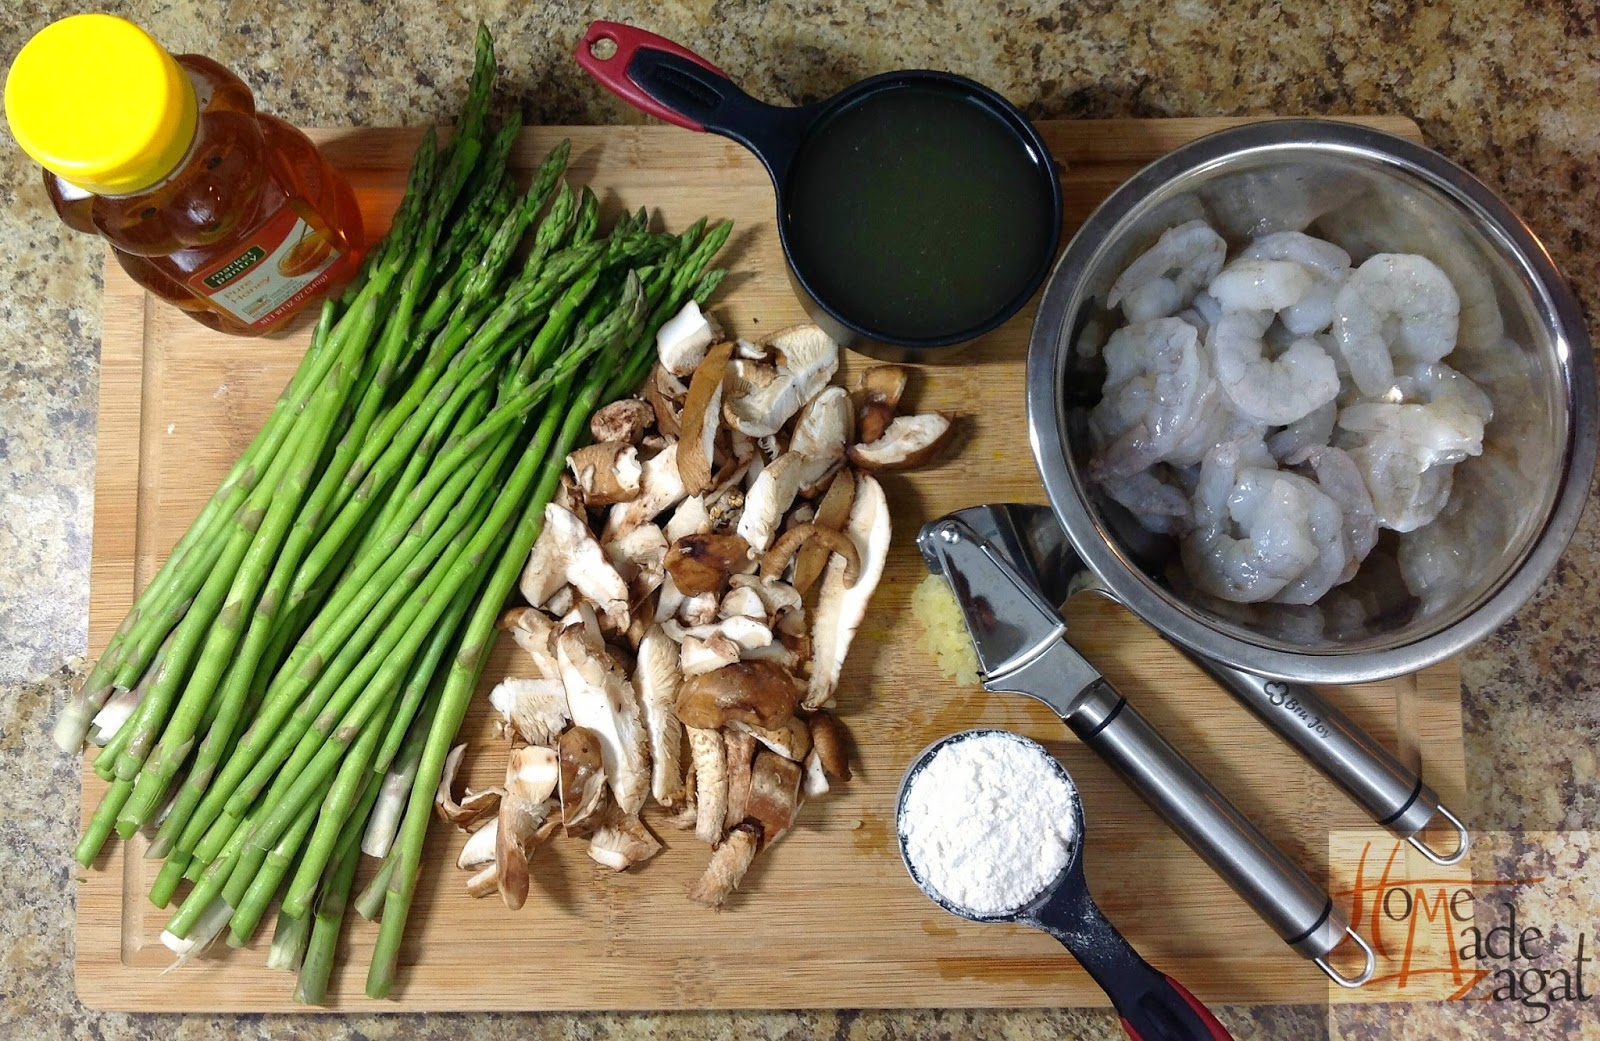 Shiitake mushrooms, asparagus and shrimp